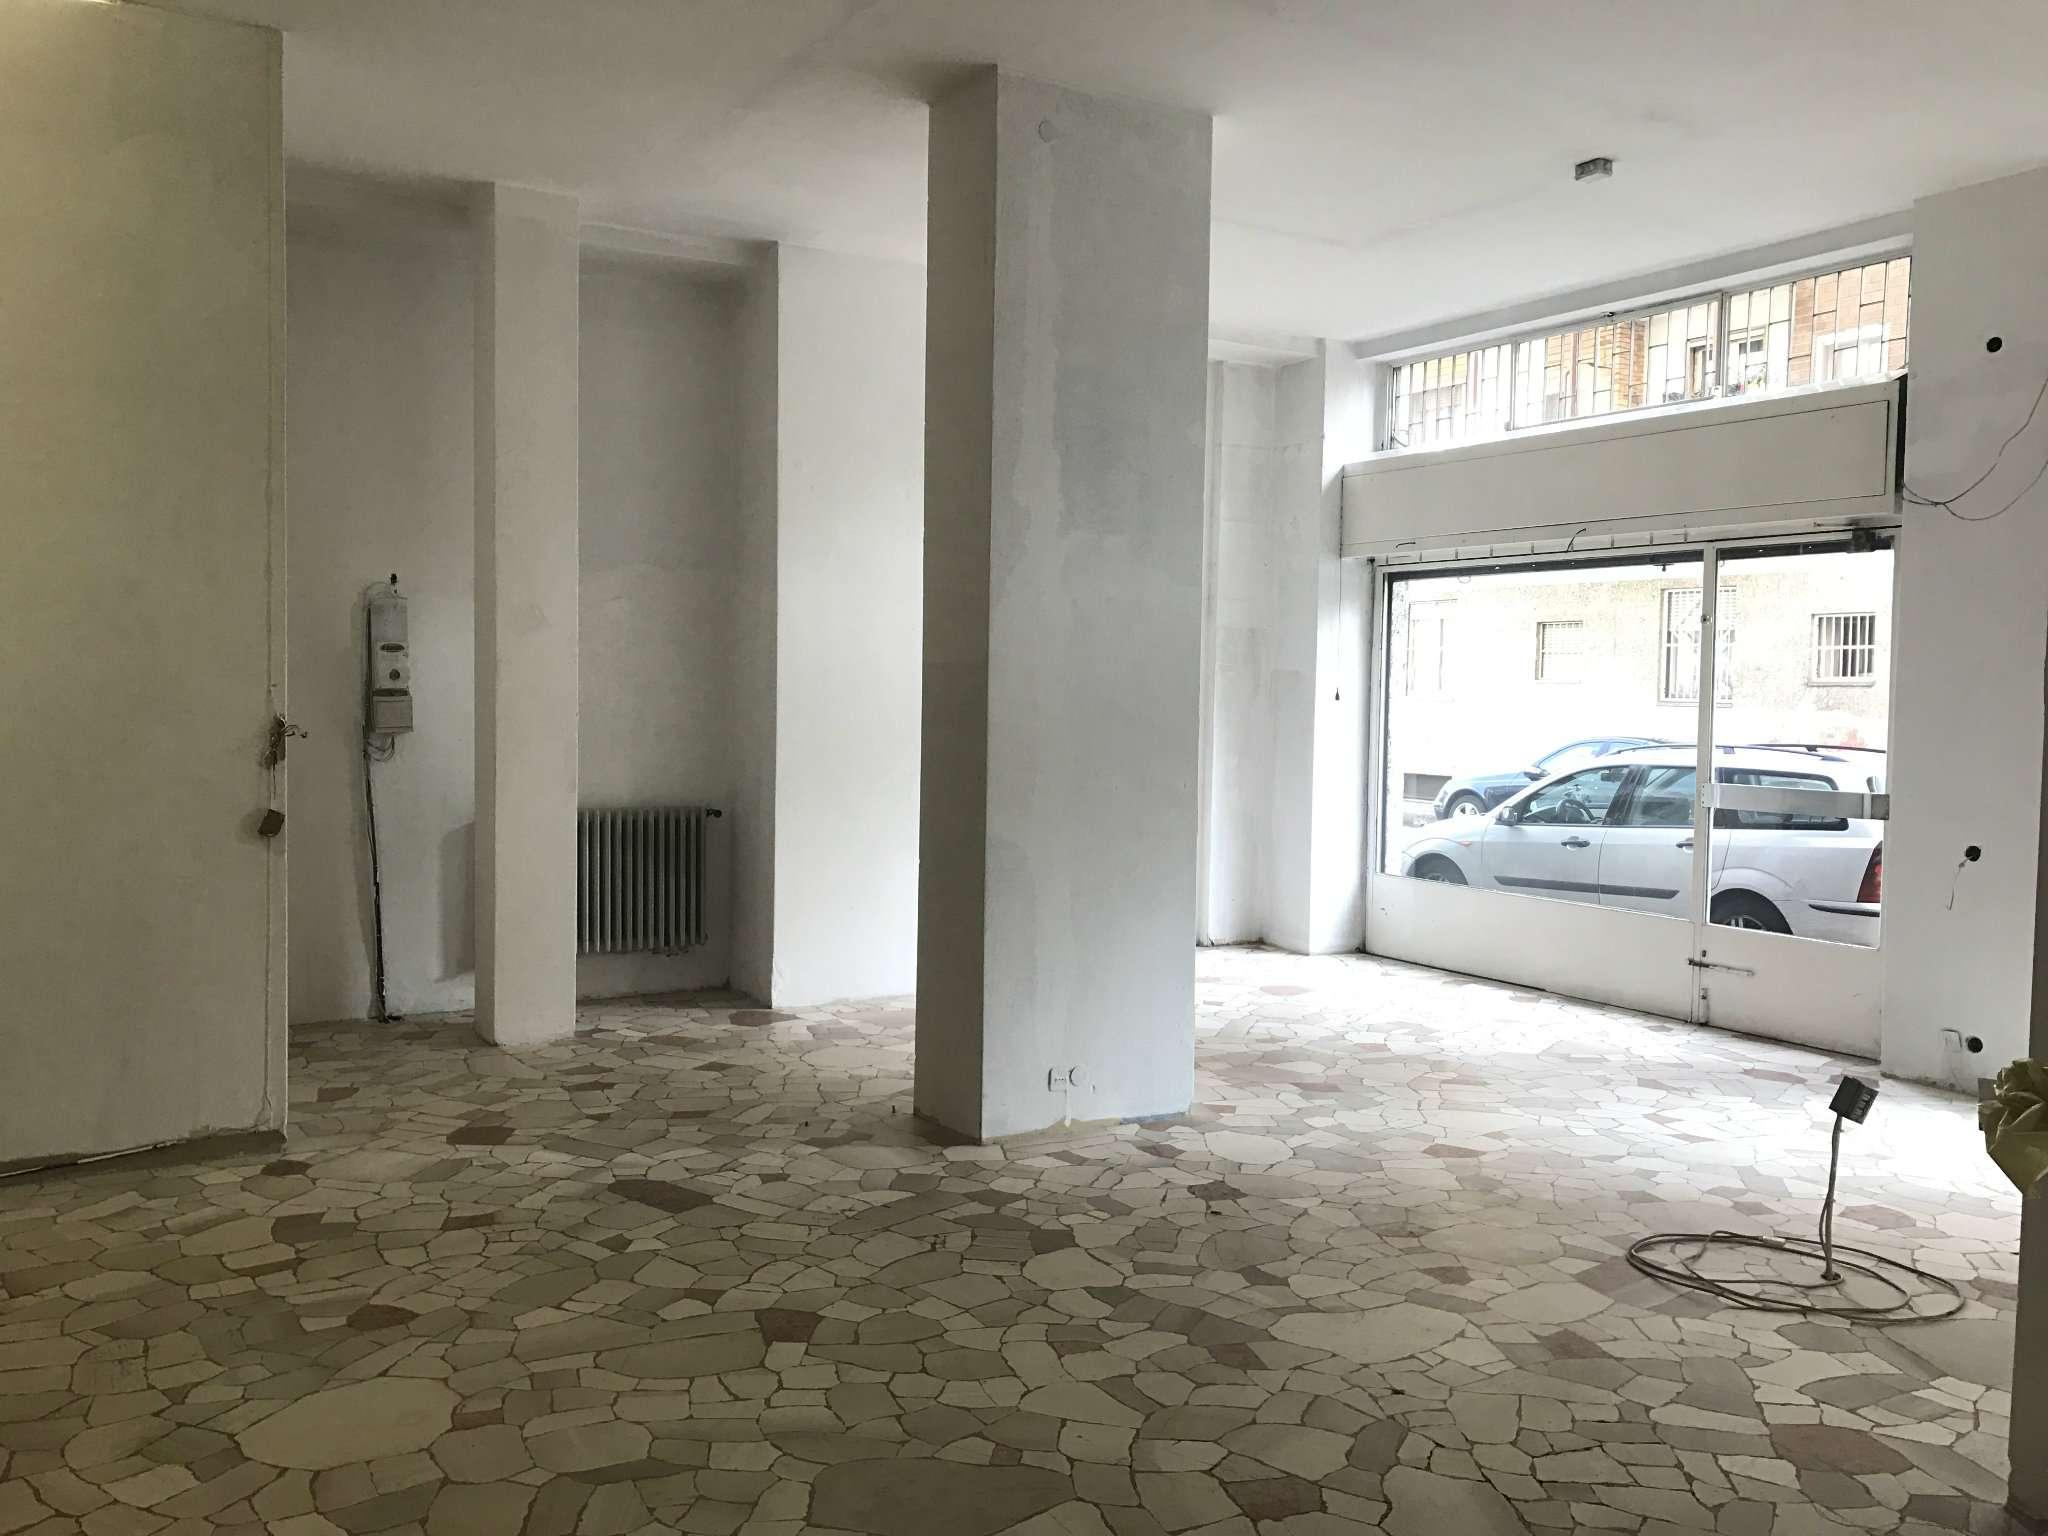 Negozio locale san giuliano milanese affitto 850 130 - Piastrelle san giuliano milanese ...